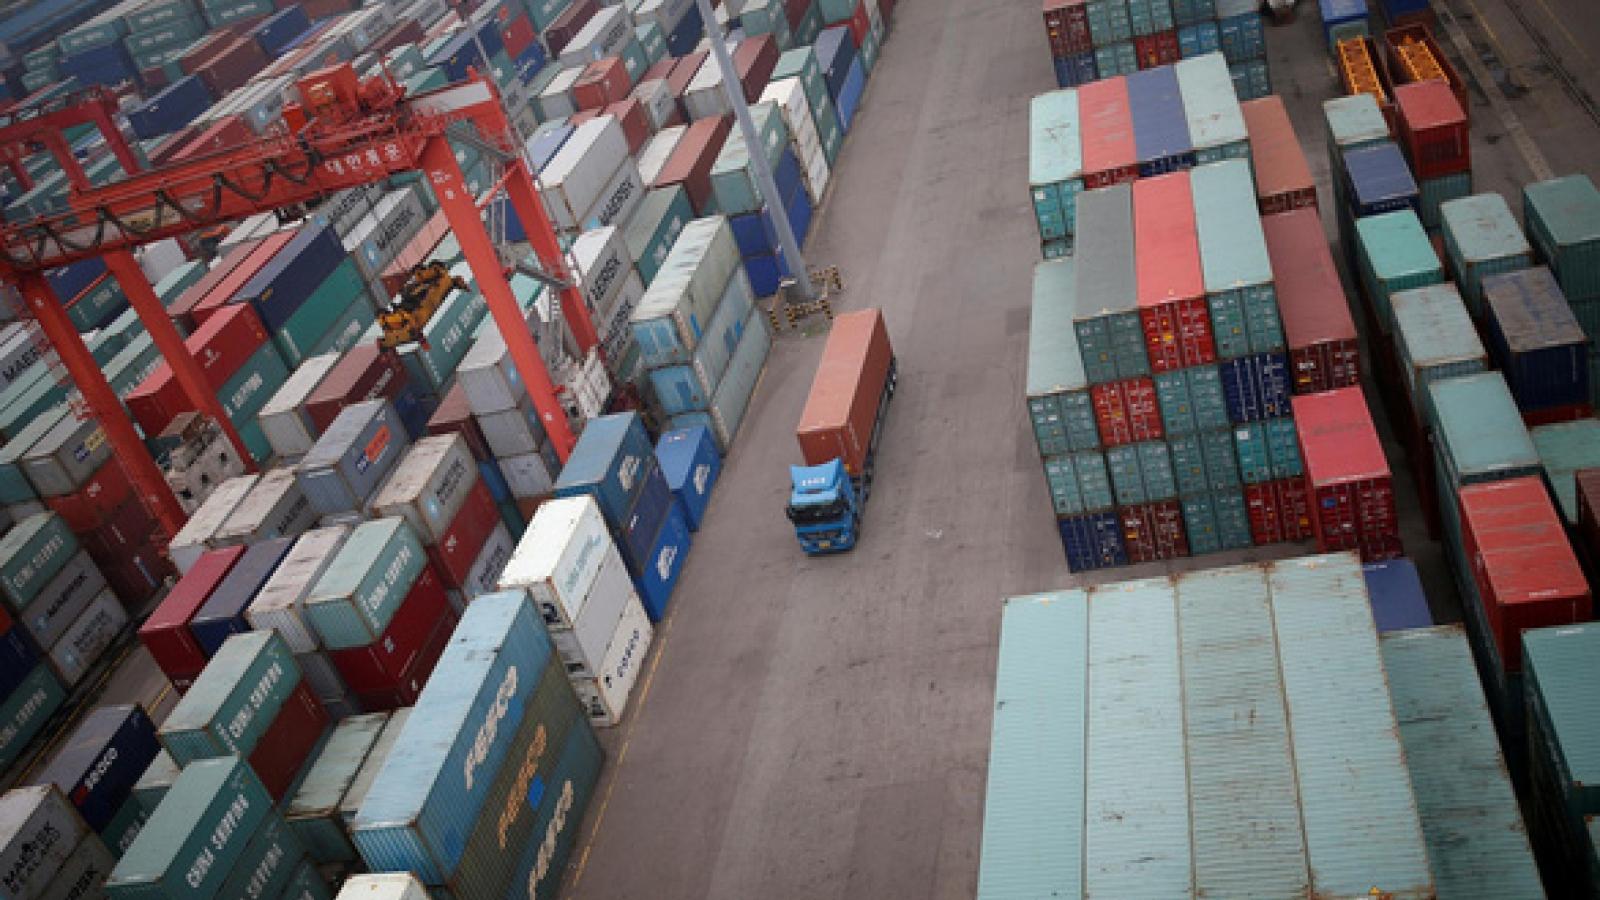 Nhật Bản chỉ trích Hàn Quốc yêu cầu WTO giải quyết vấn đề thương mại